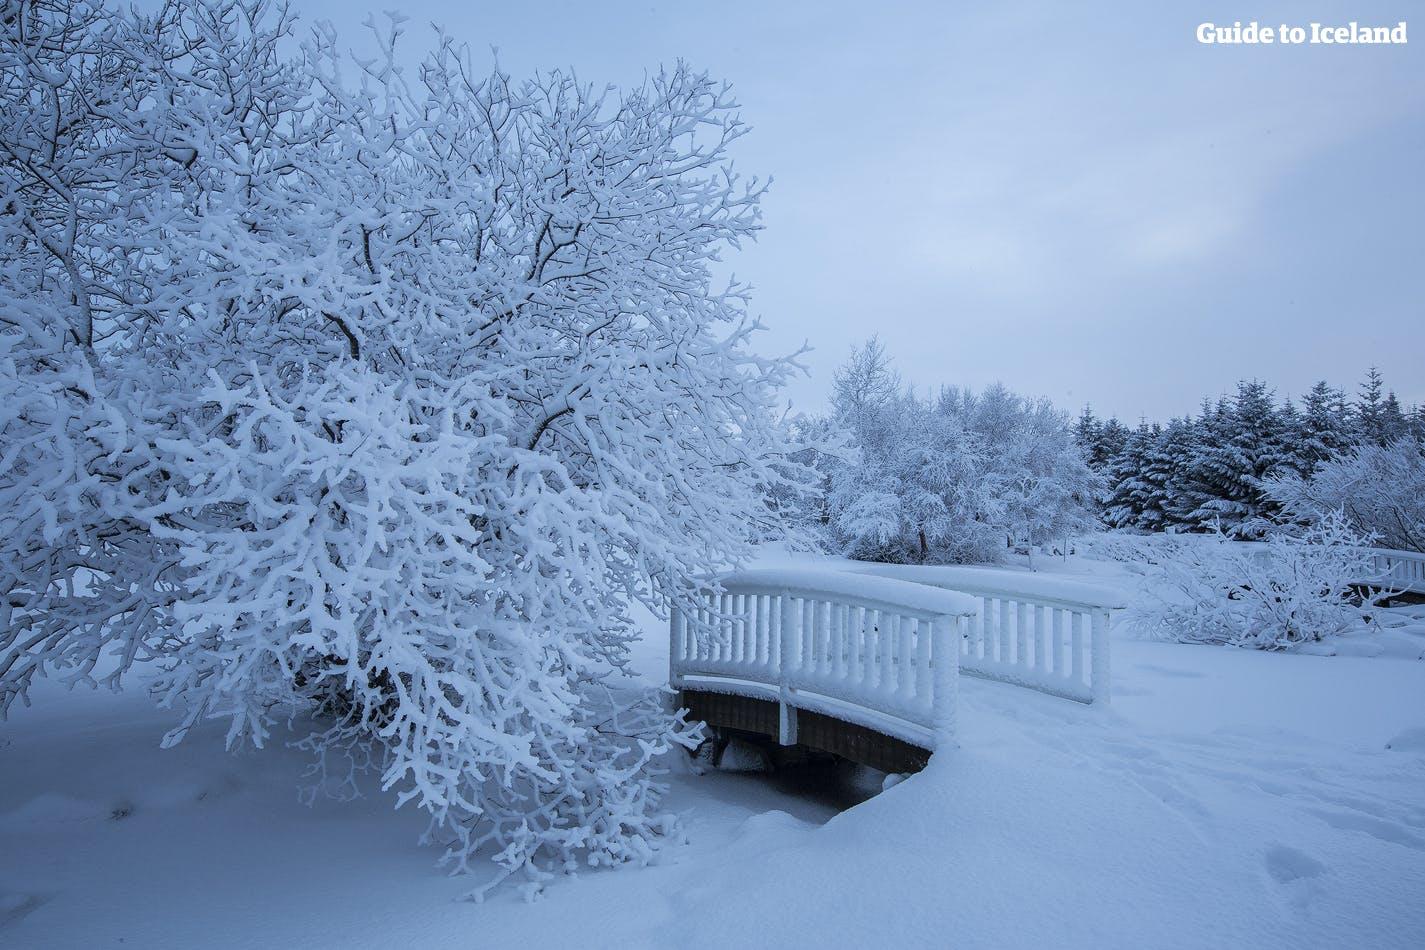 หิมะในช่วงฤดูหนาวปกคลุมทั้งเมืองเรคยาวิก.